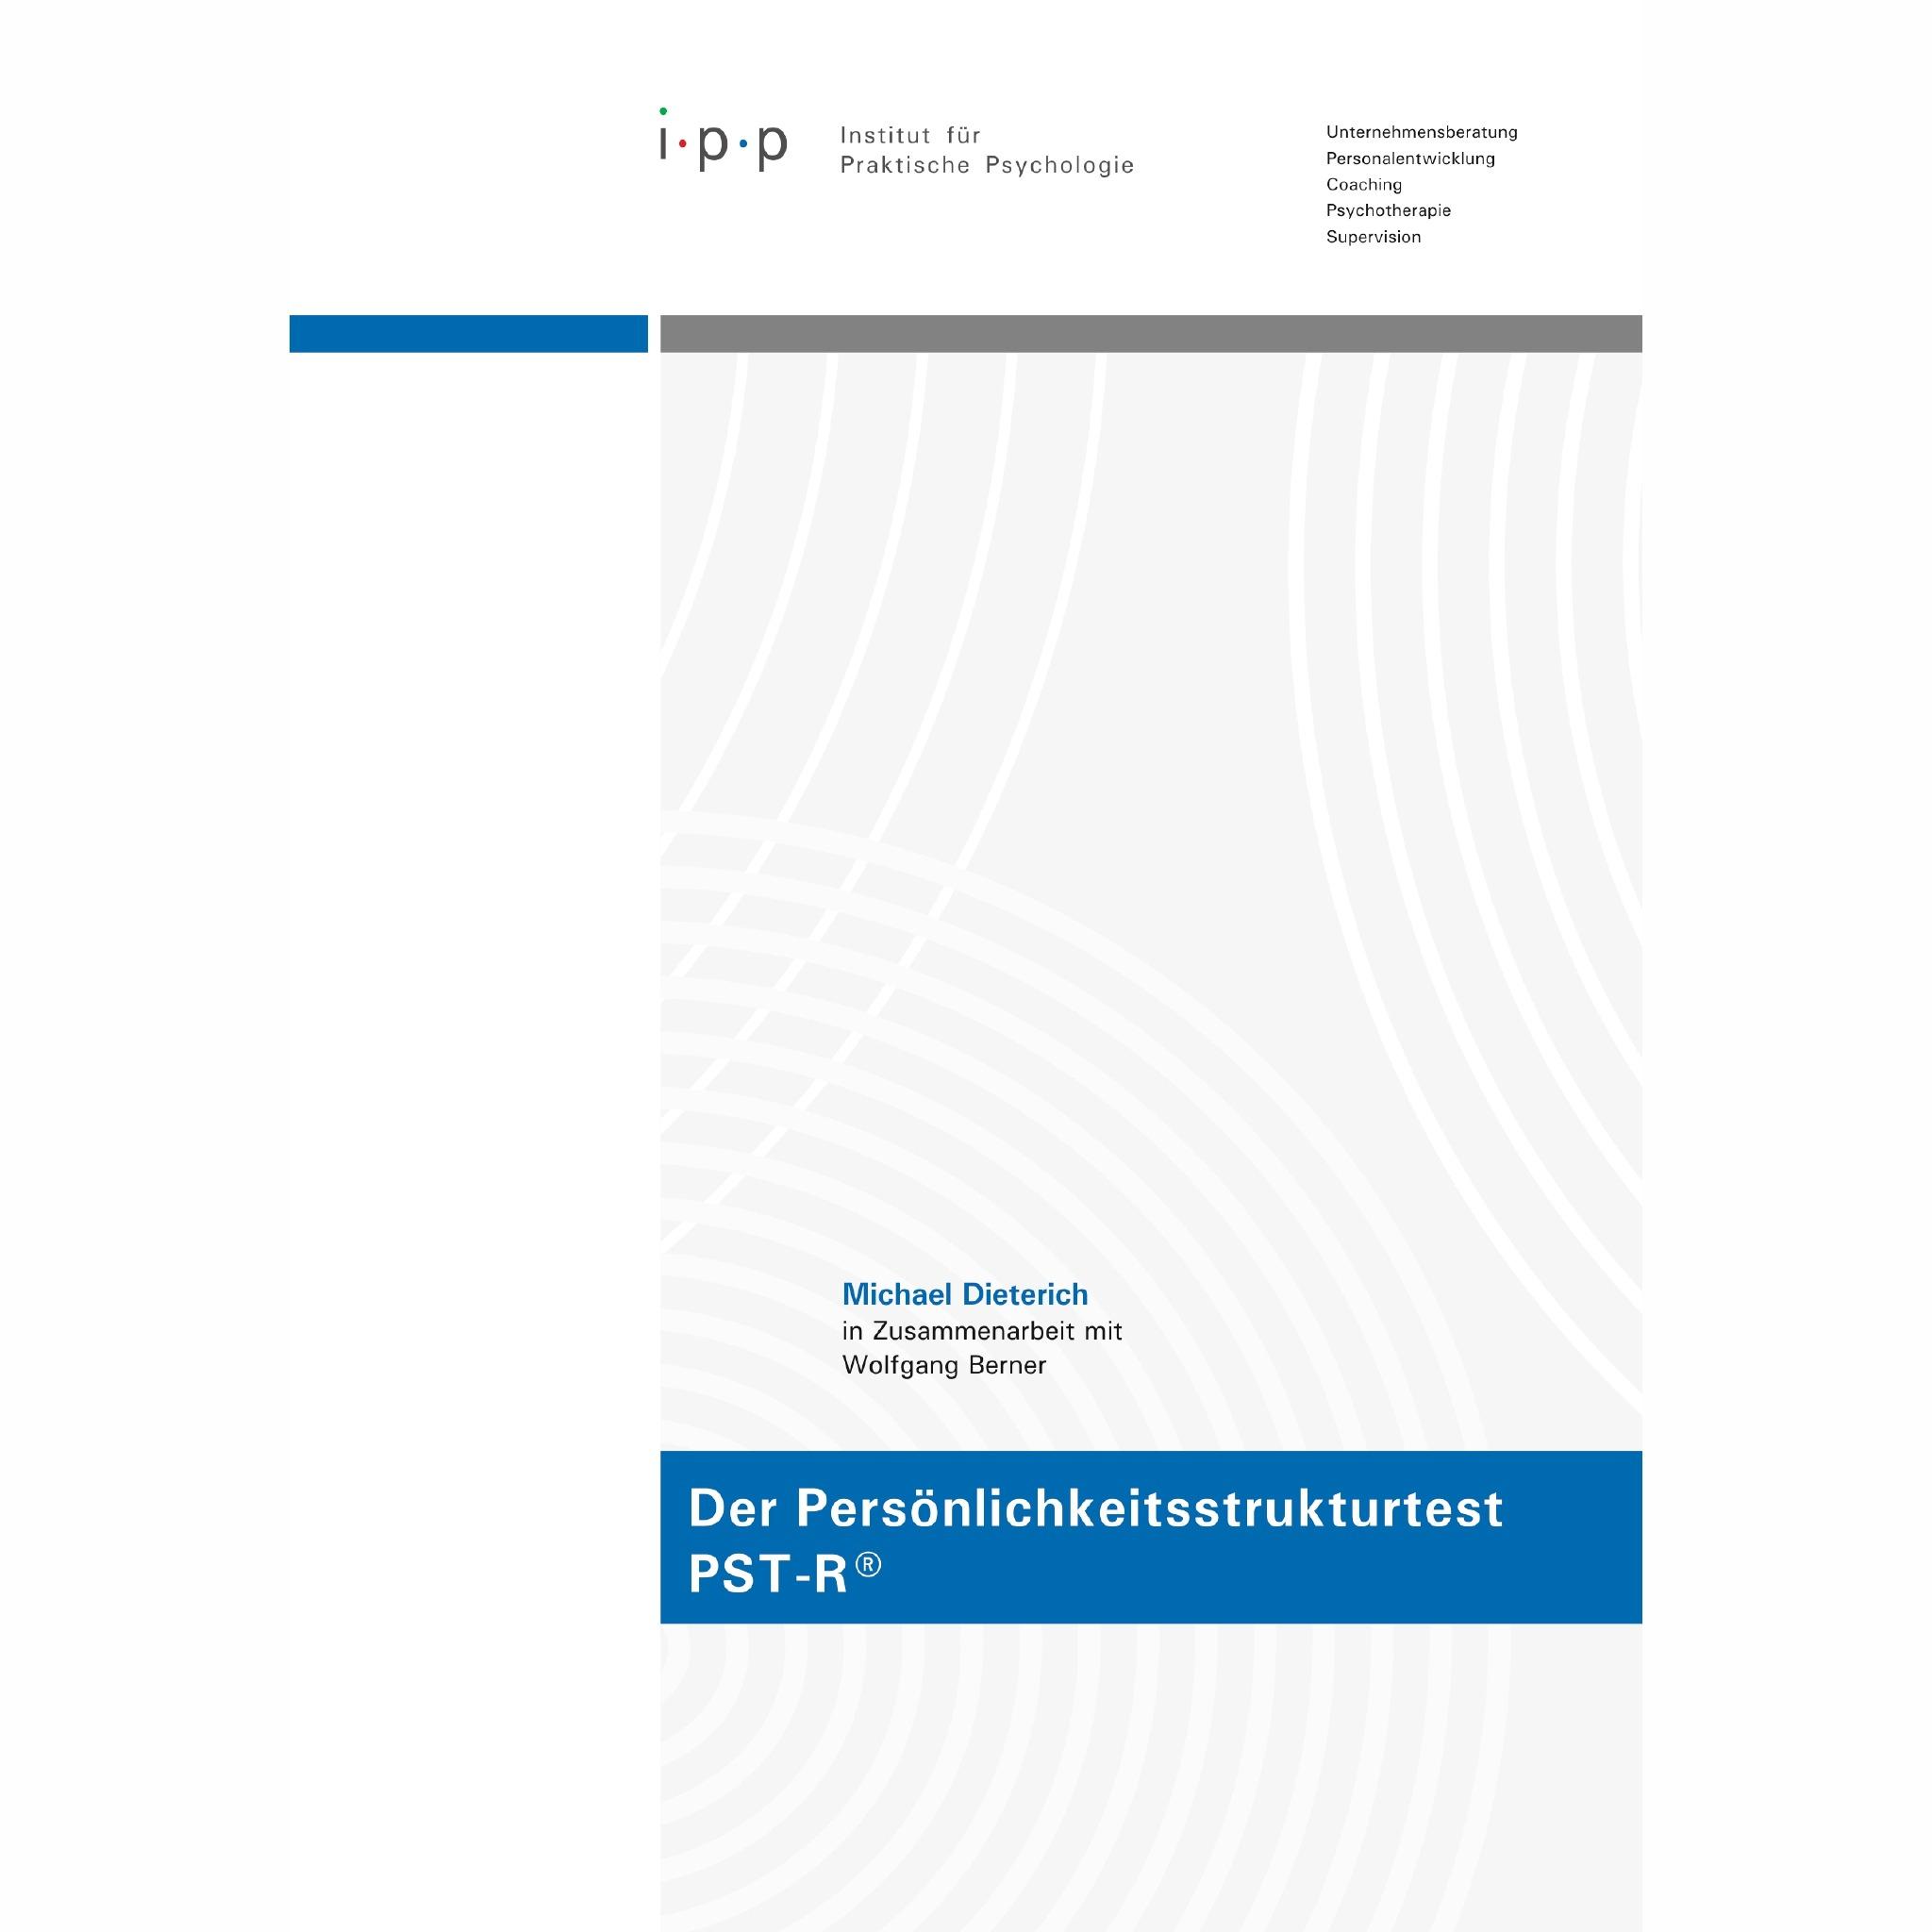 http://www.bts-ips.de/wp-content/uploads/Dieterich-PST-R-Handbuch.jpg